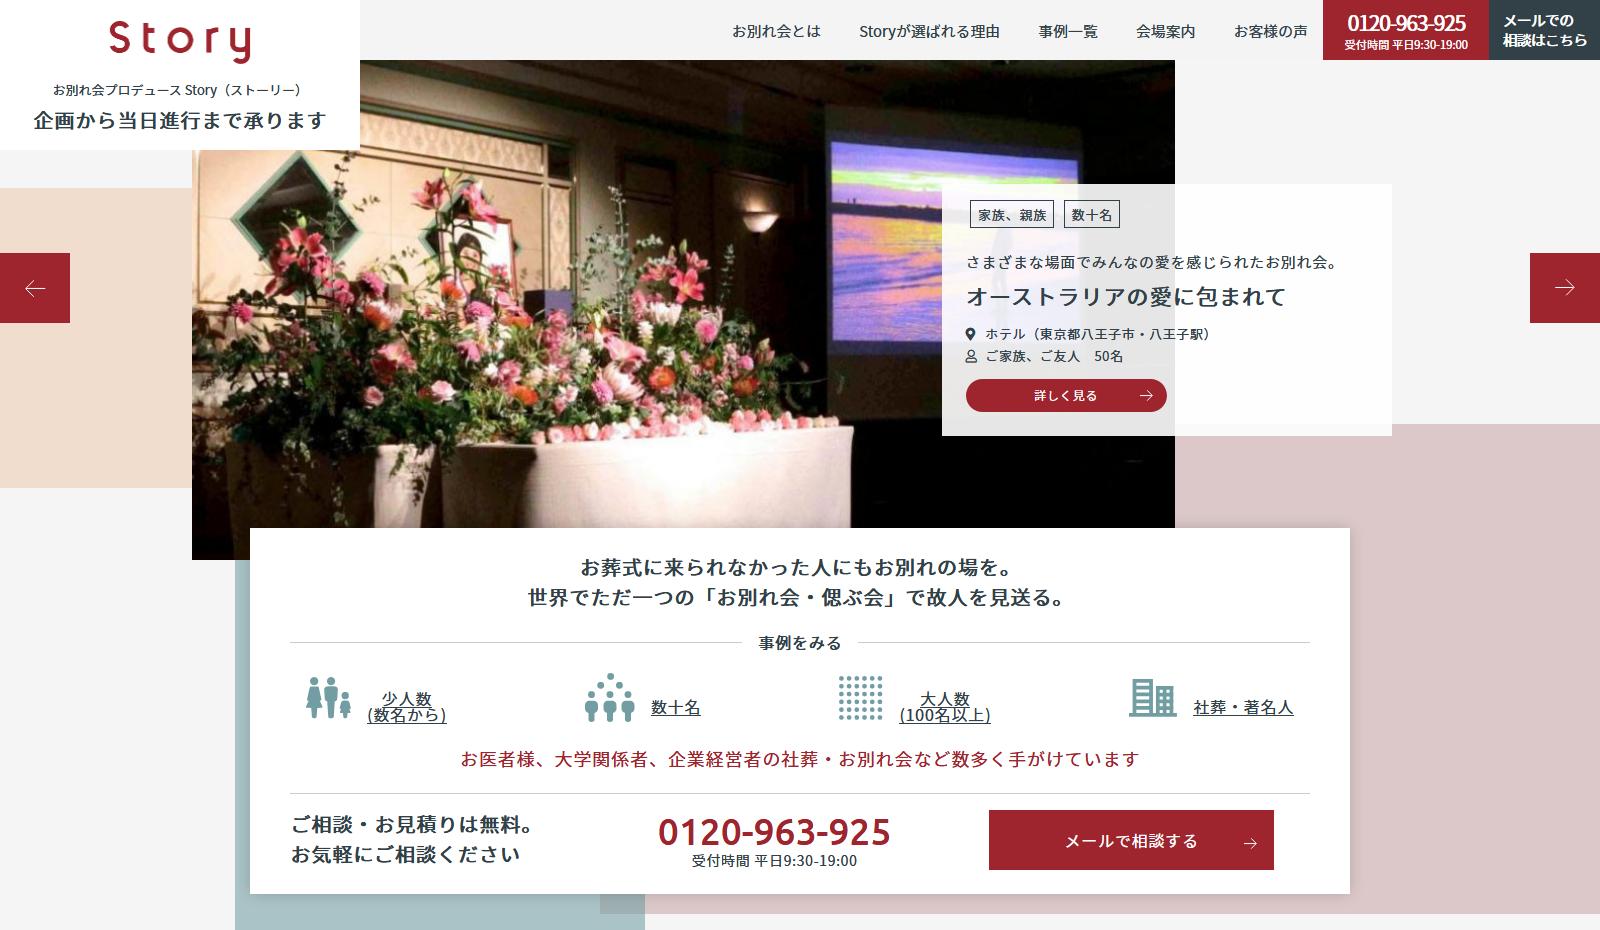 お別れ会・偲ぶ会・社葬のご相談から当日進行まで -お別れ会プロデュース Story(ストーリー)